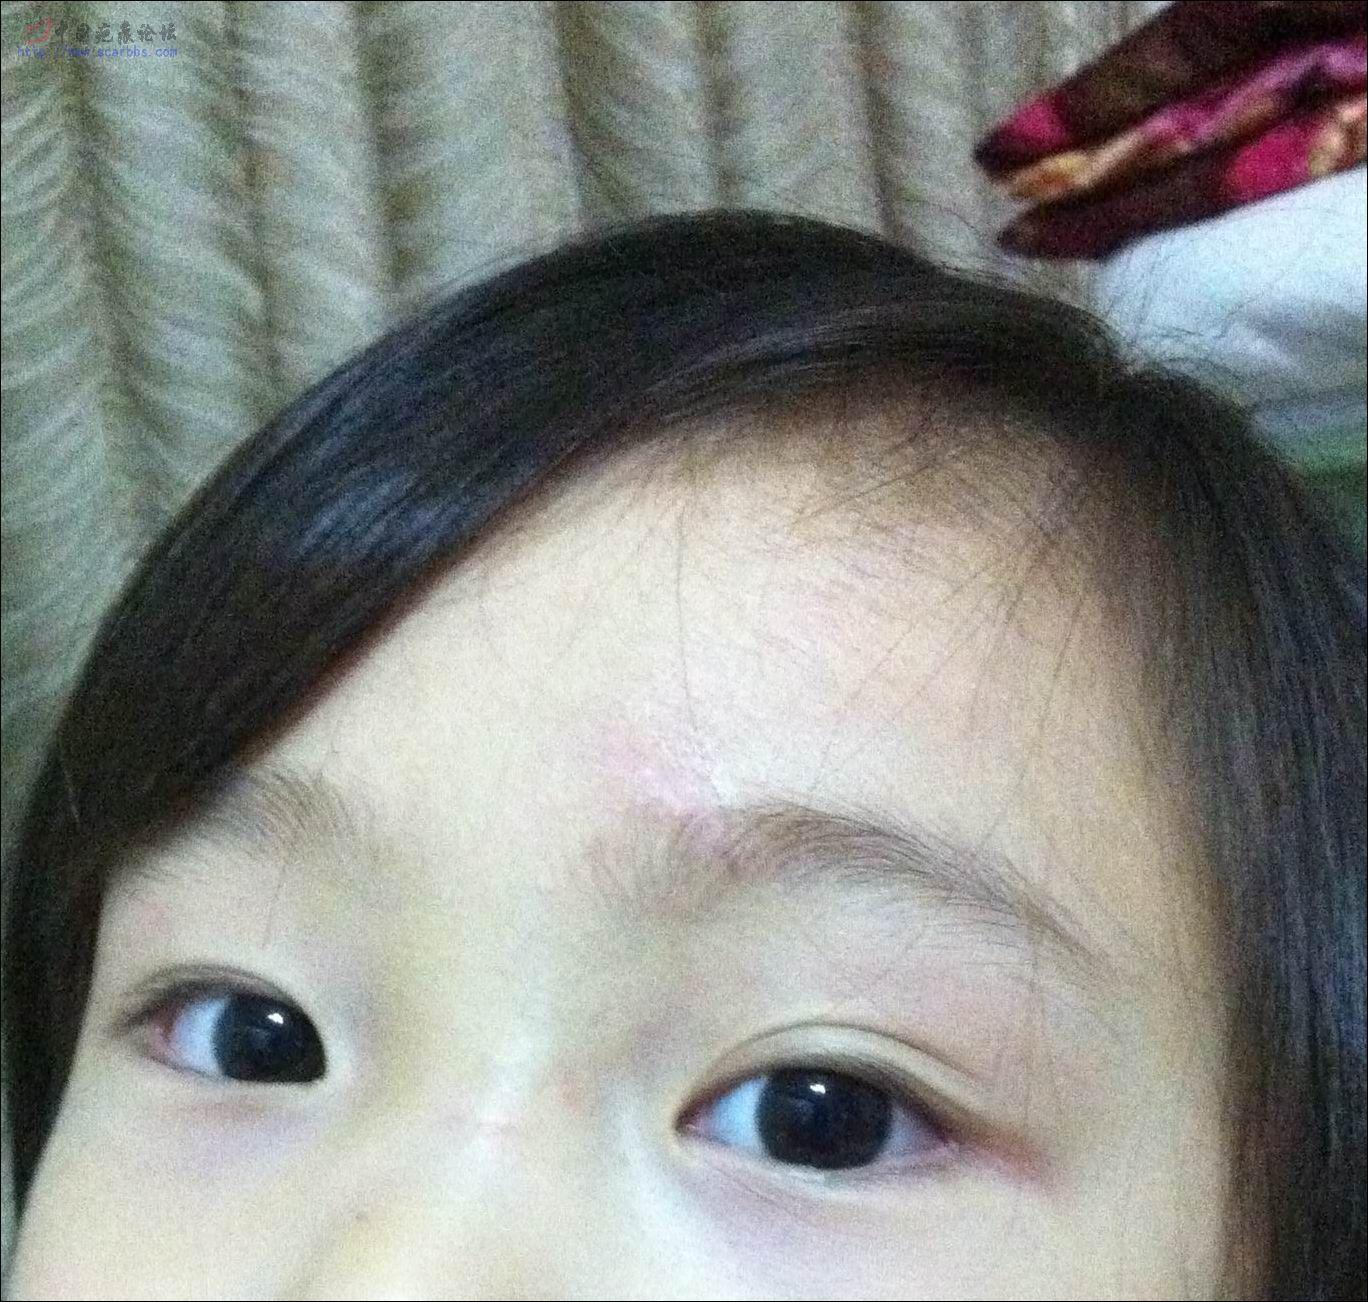 宝宝受伤了,额头缝六针,疤痕修复进行中......